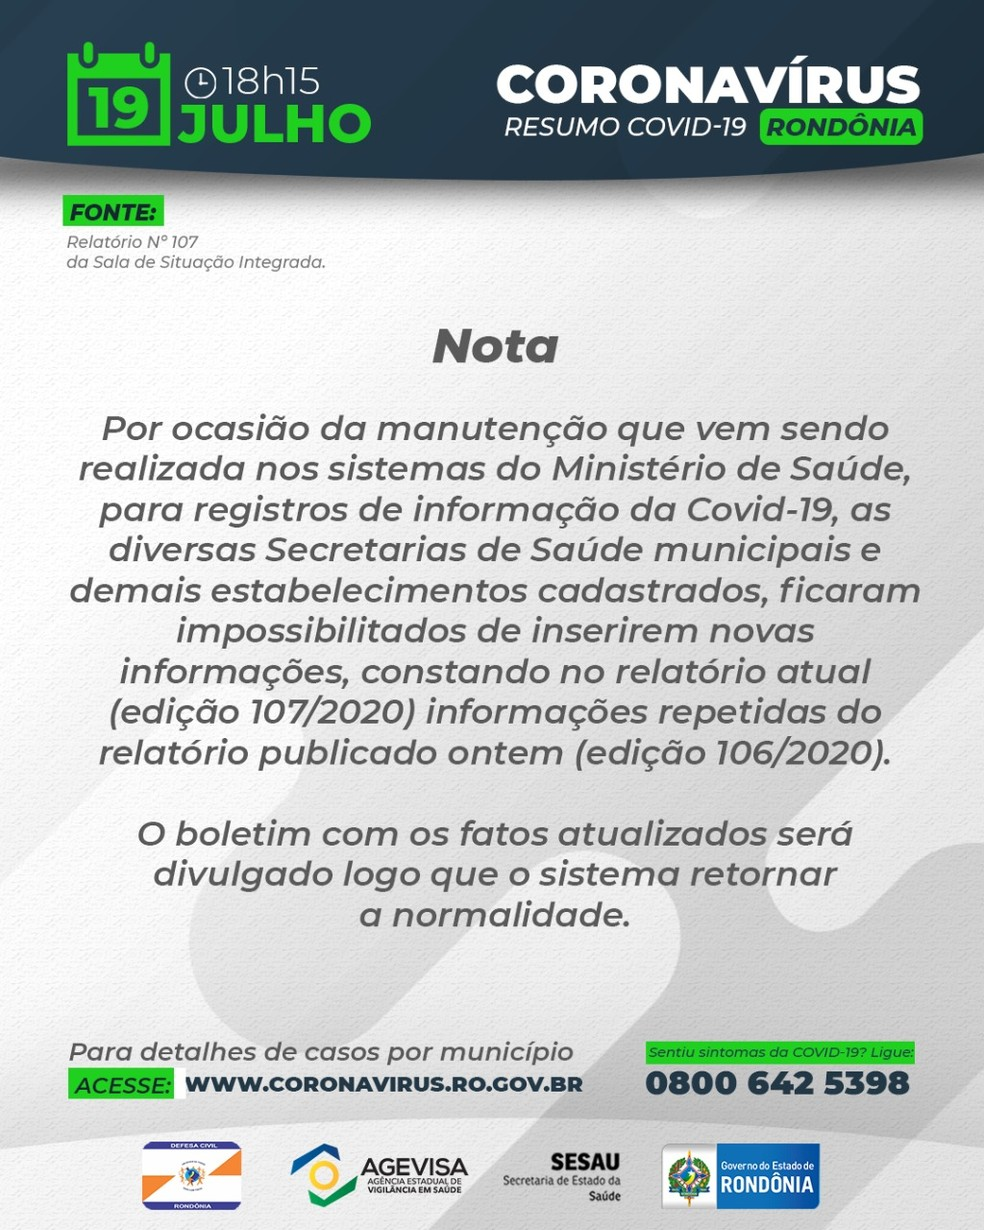 Nota do governo de Rondônia sobre os boletins — Foto: Divulgação